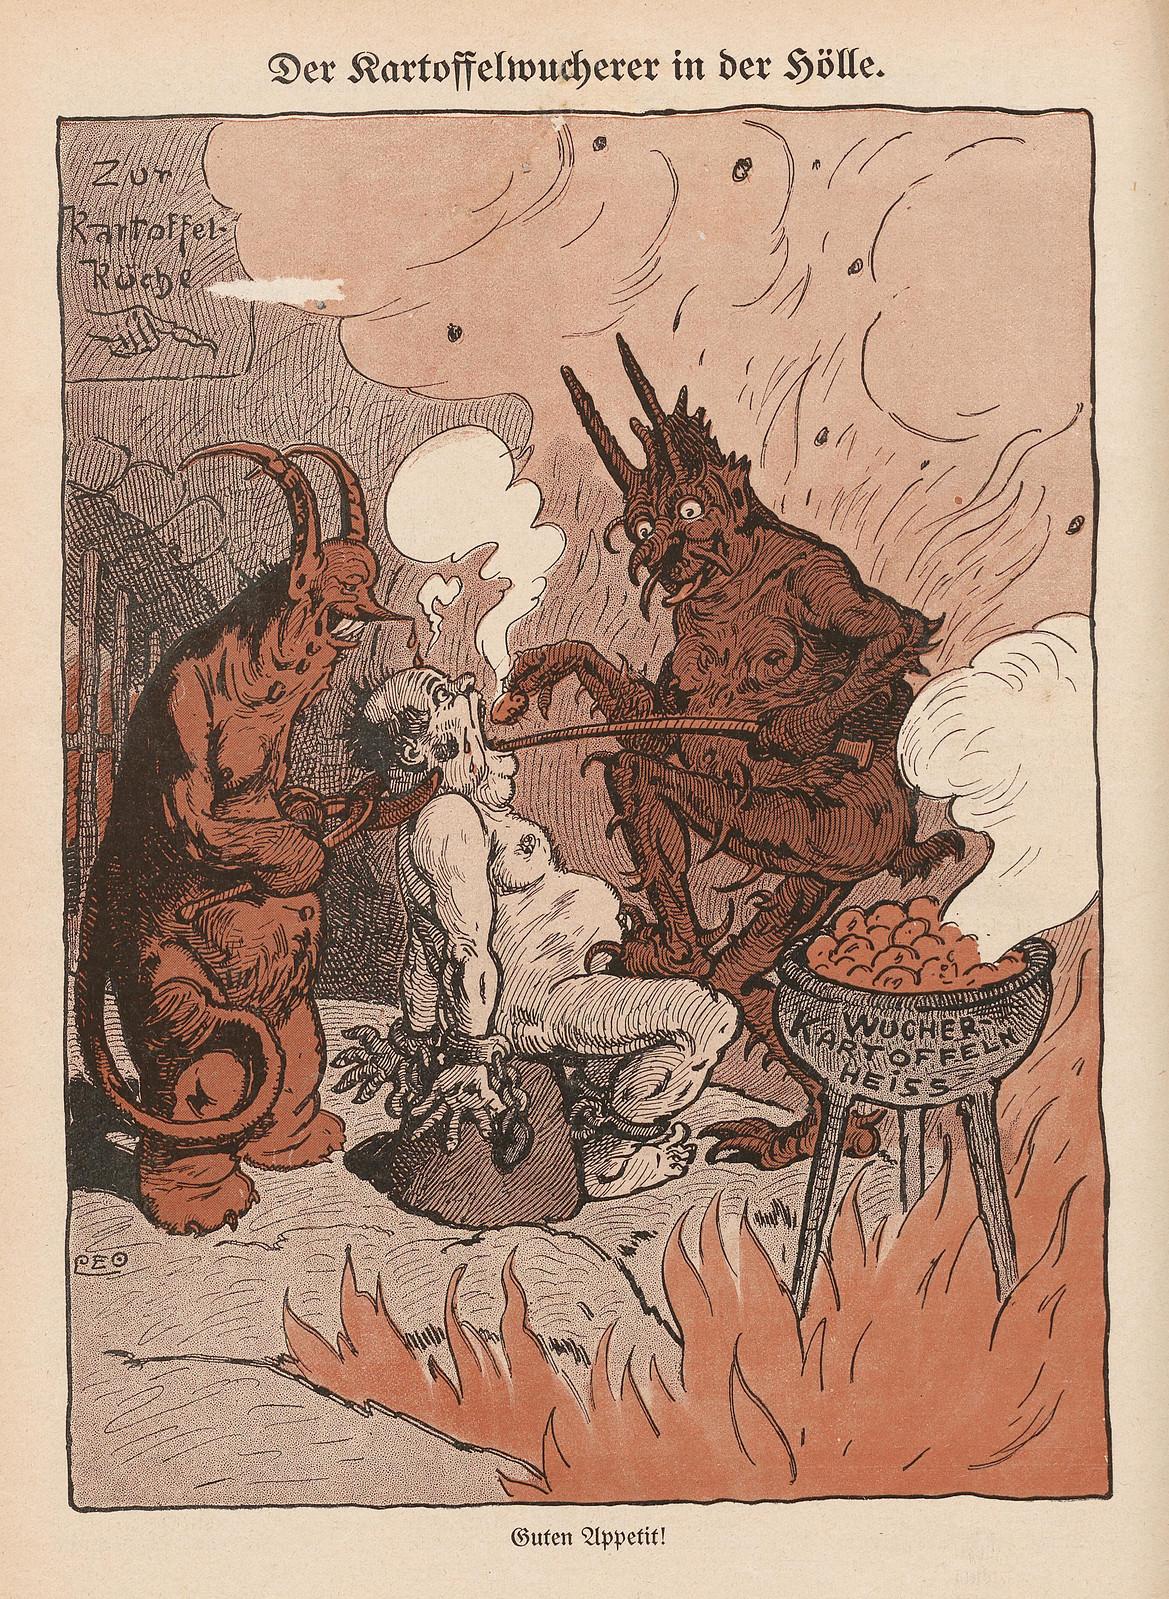 Monogramm Leo - The potato usurer in hell, 1915